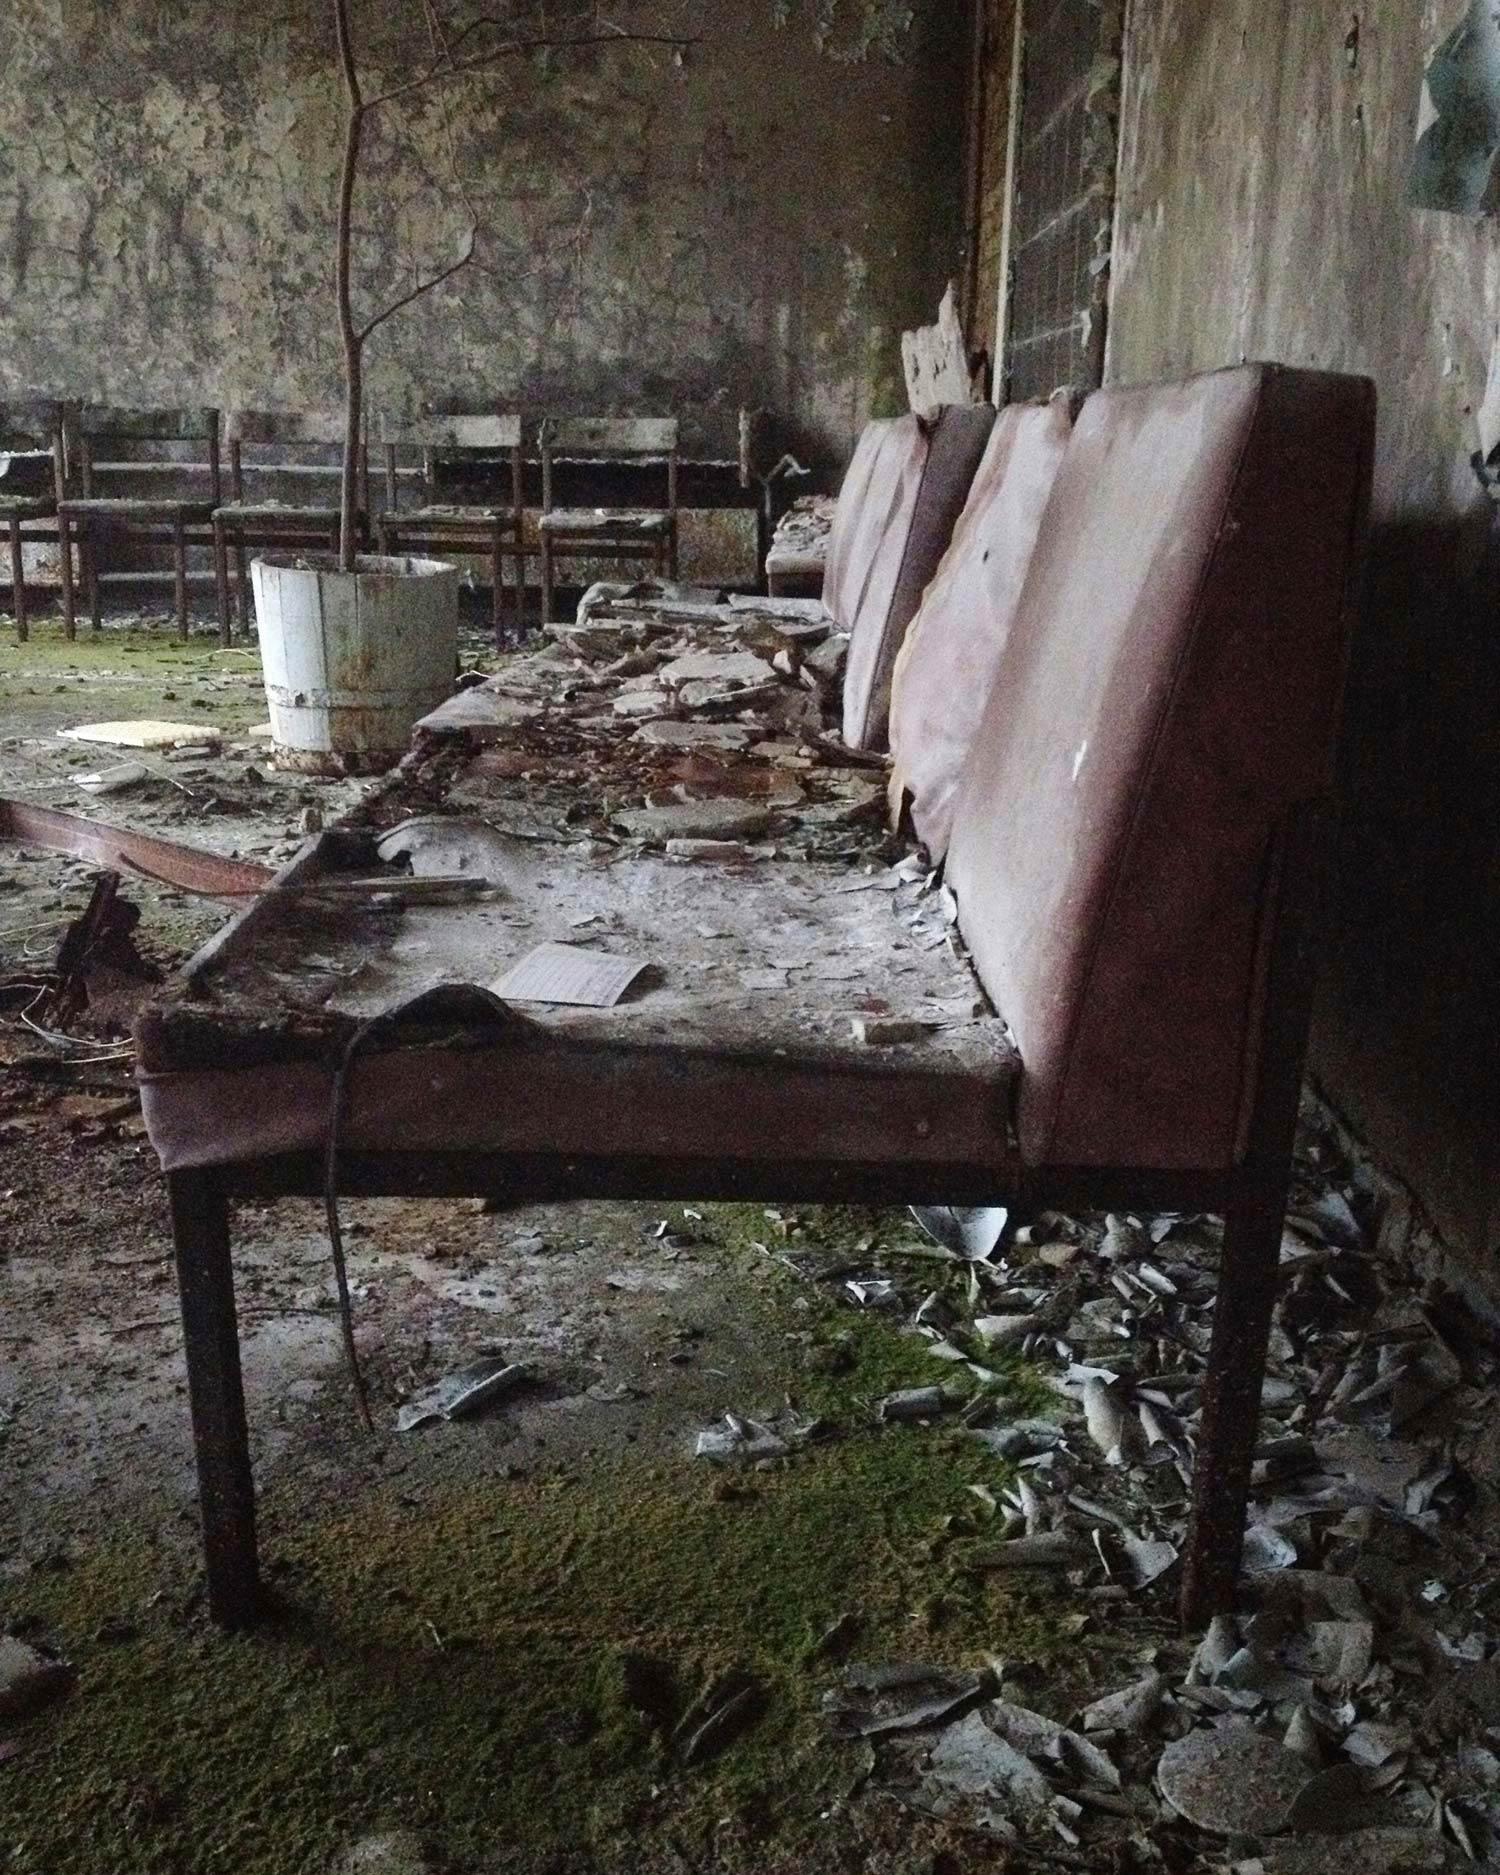 217_chernobyl_Hospital126_w.jpg